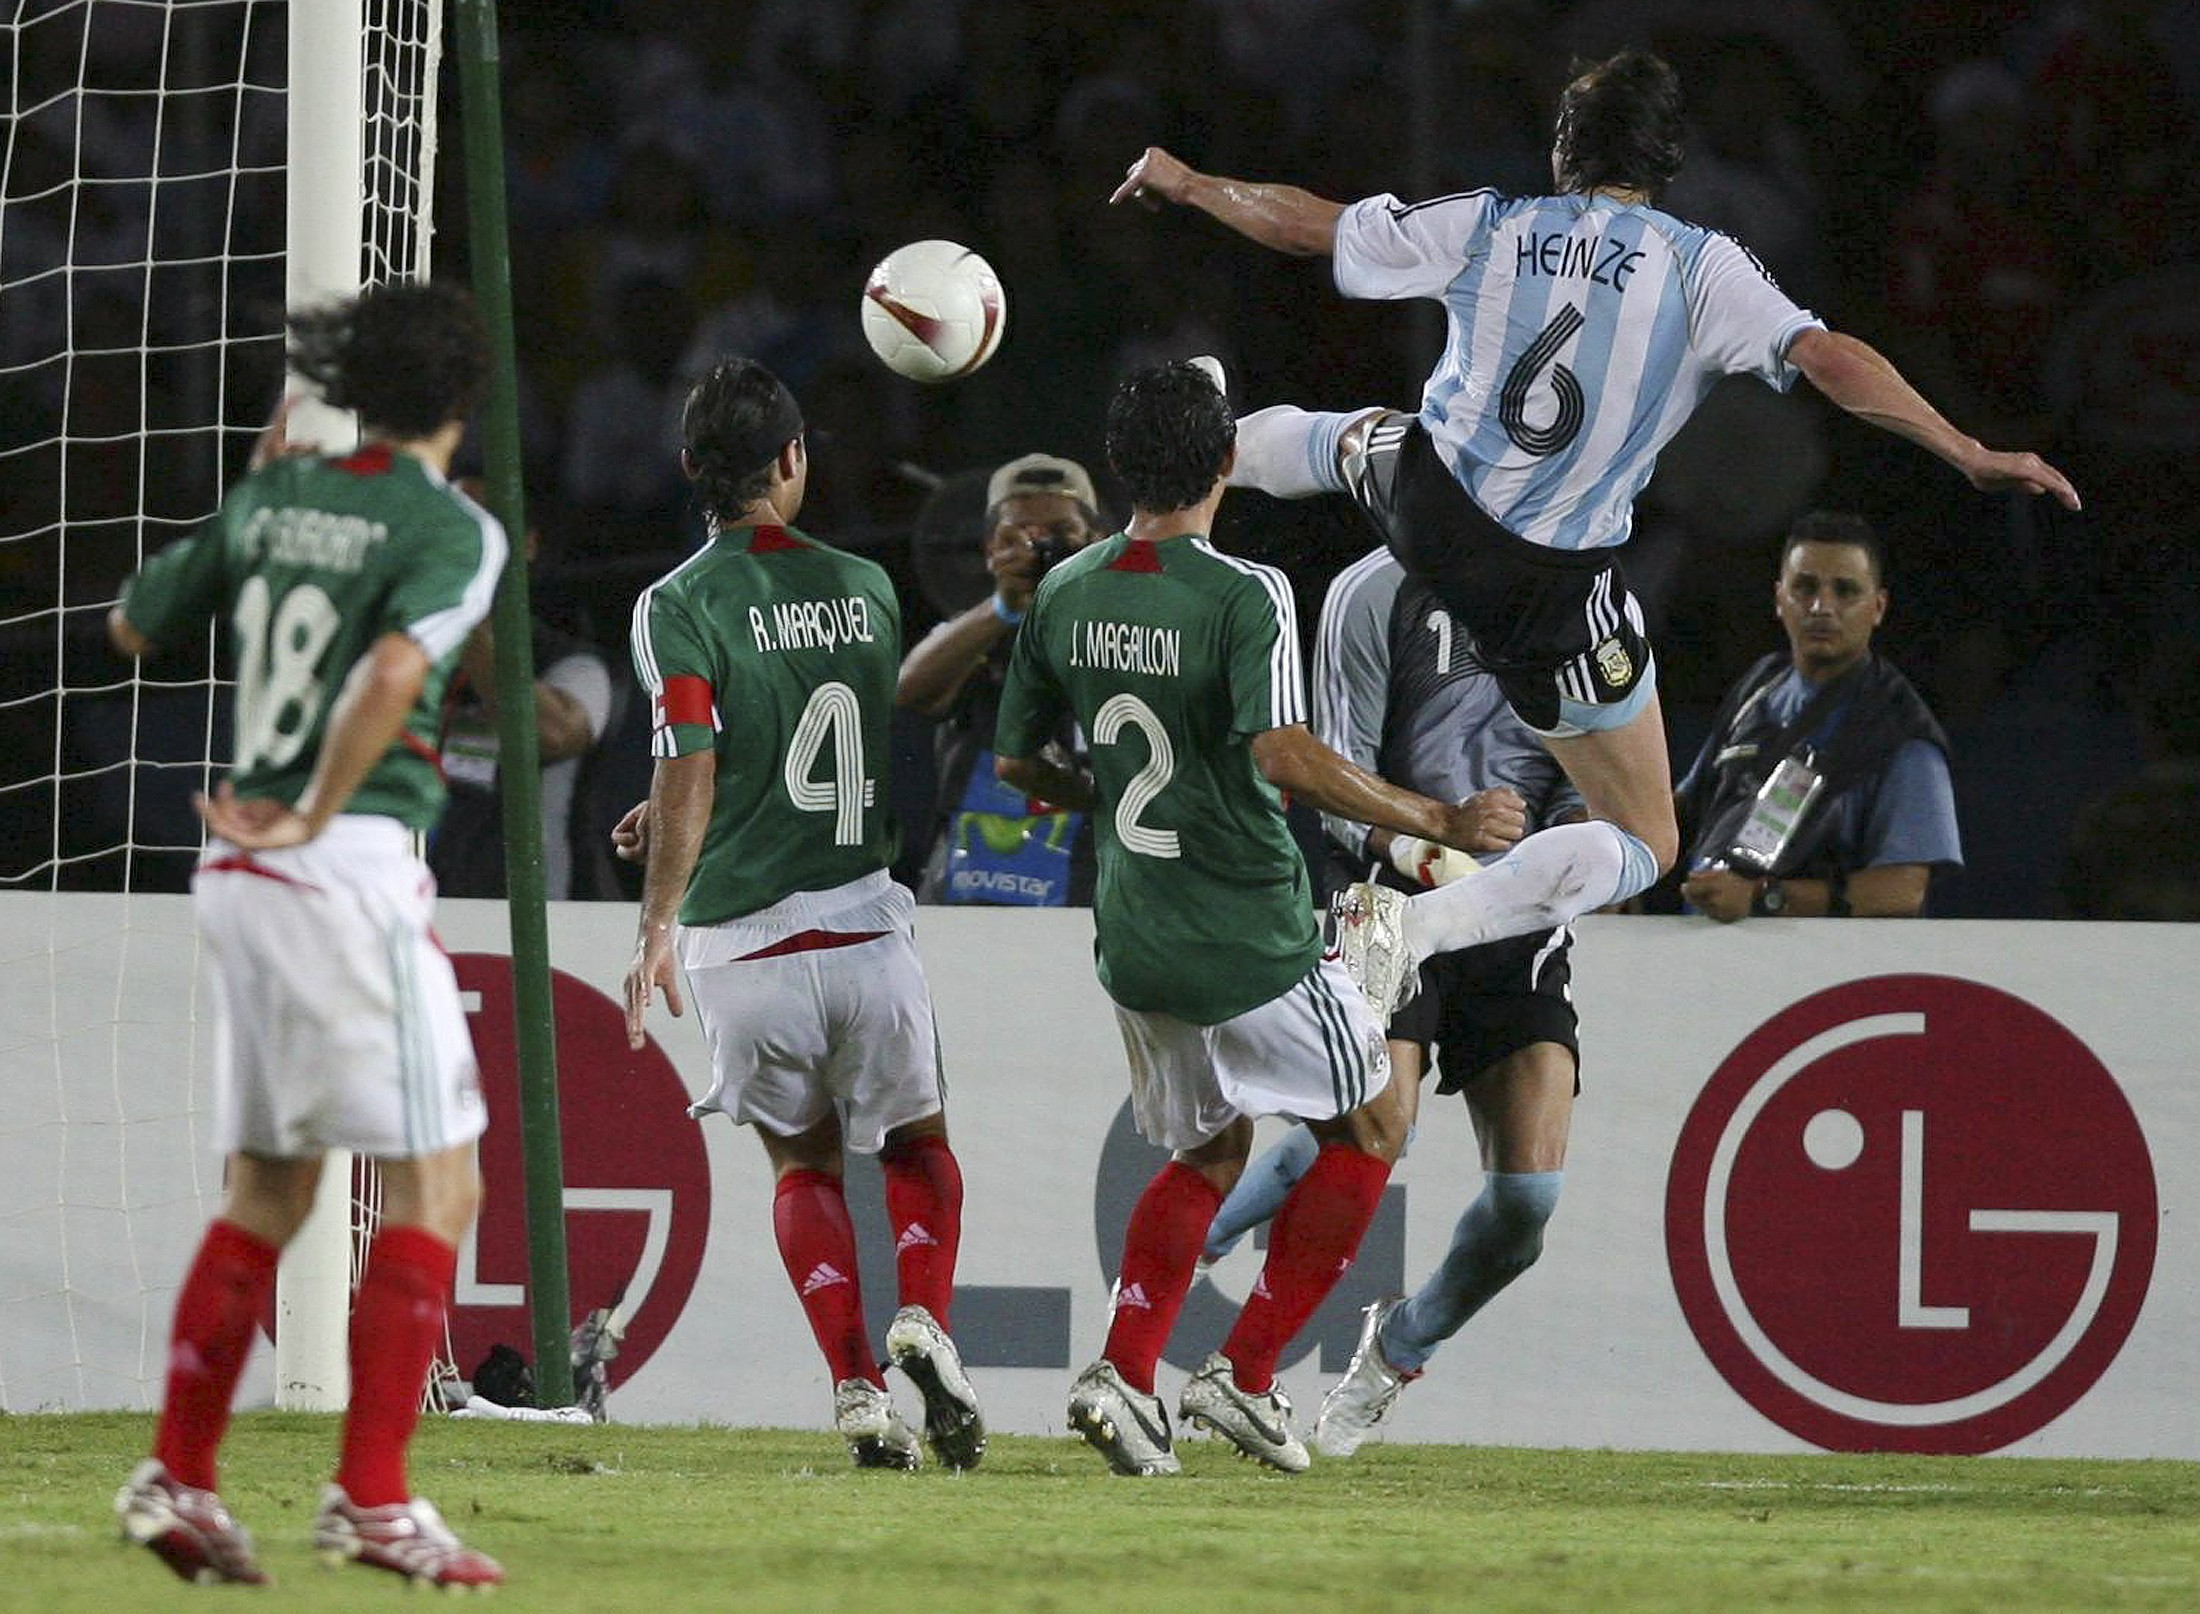 Габриел Хайнце (в синьо-бяло) бележи първия гол във вратата на Мексико на полуфинала на Копа Америка. Снимка: Ройтерс